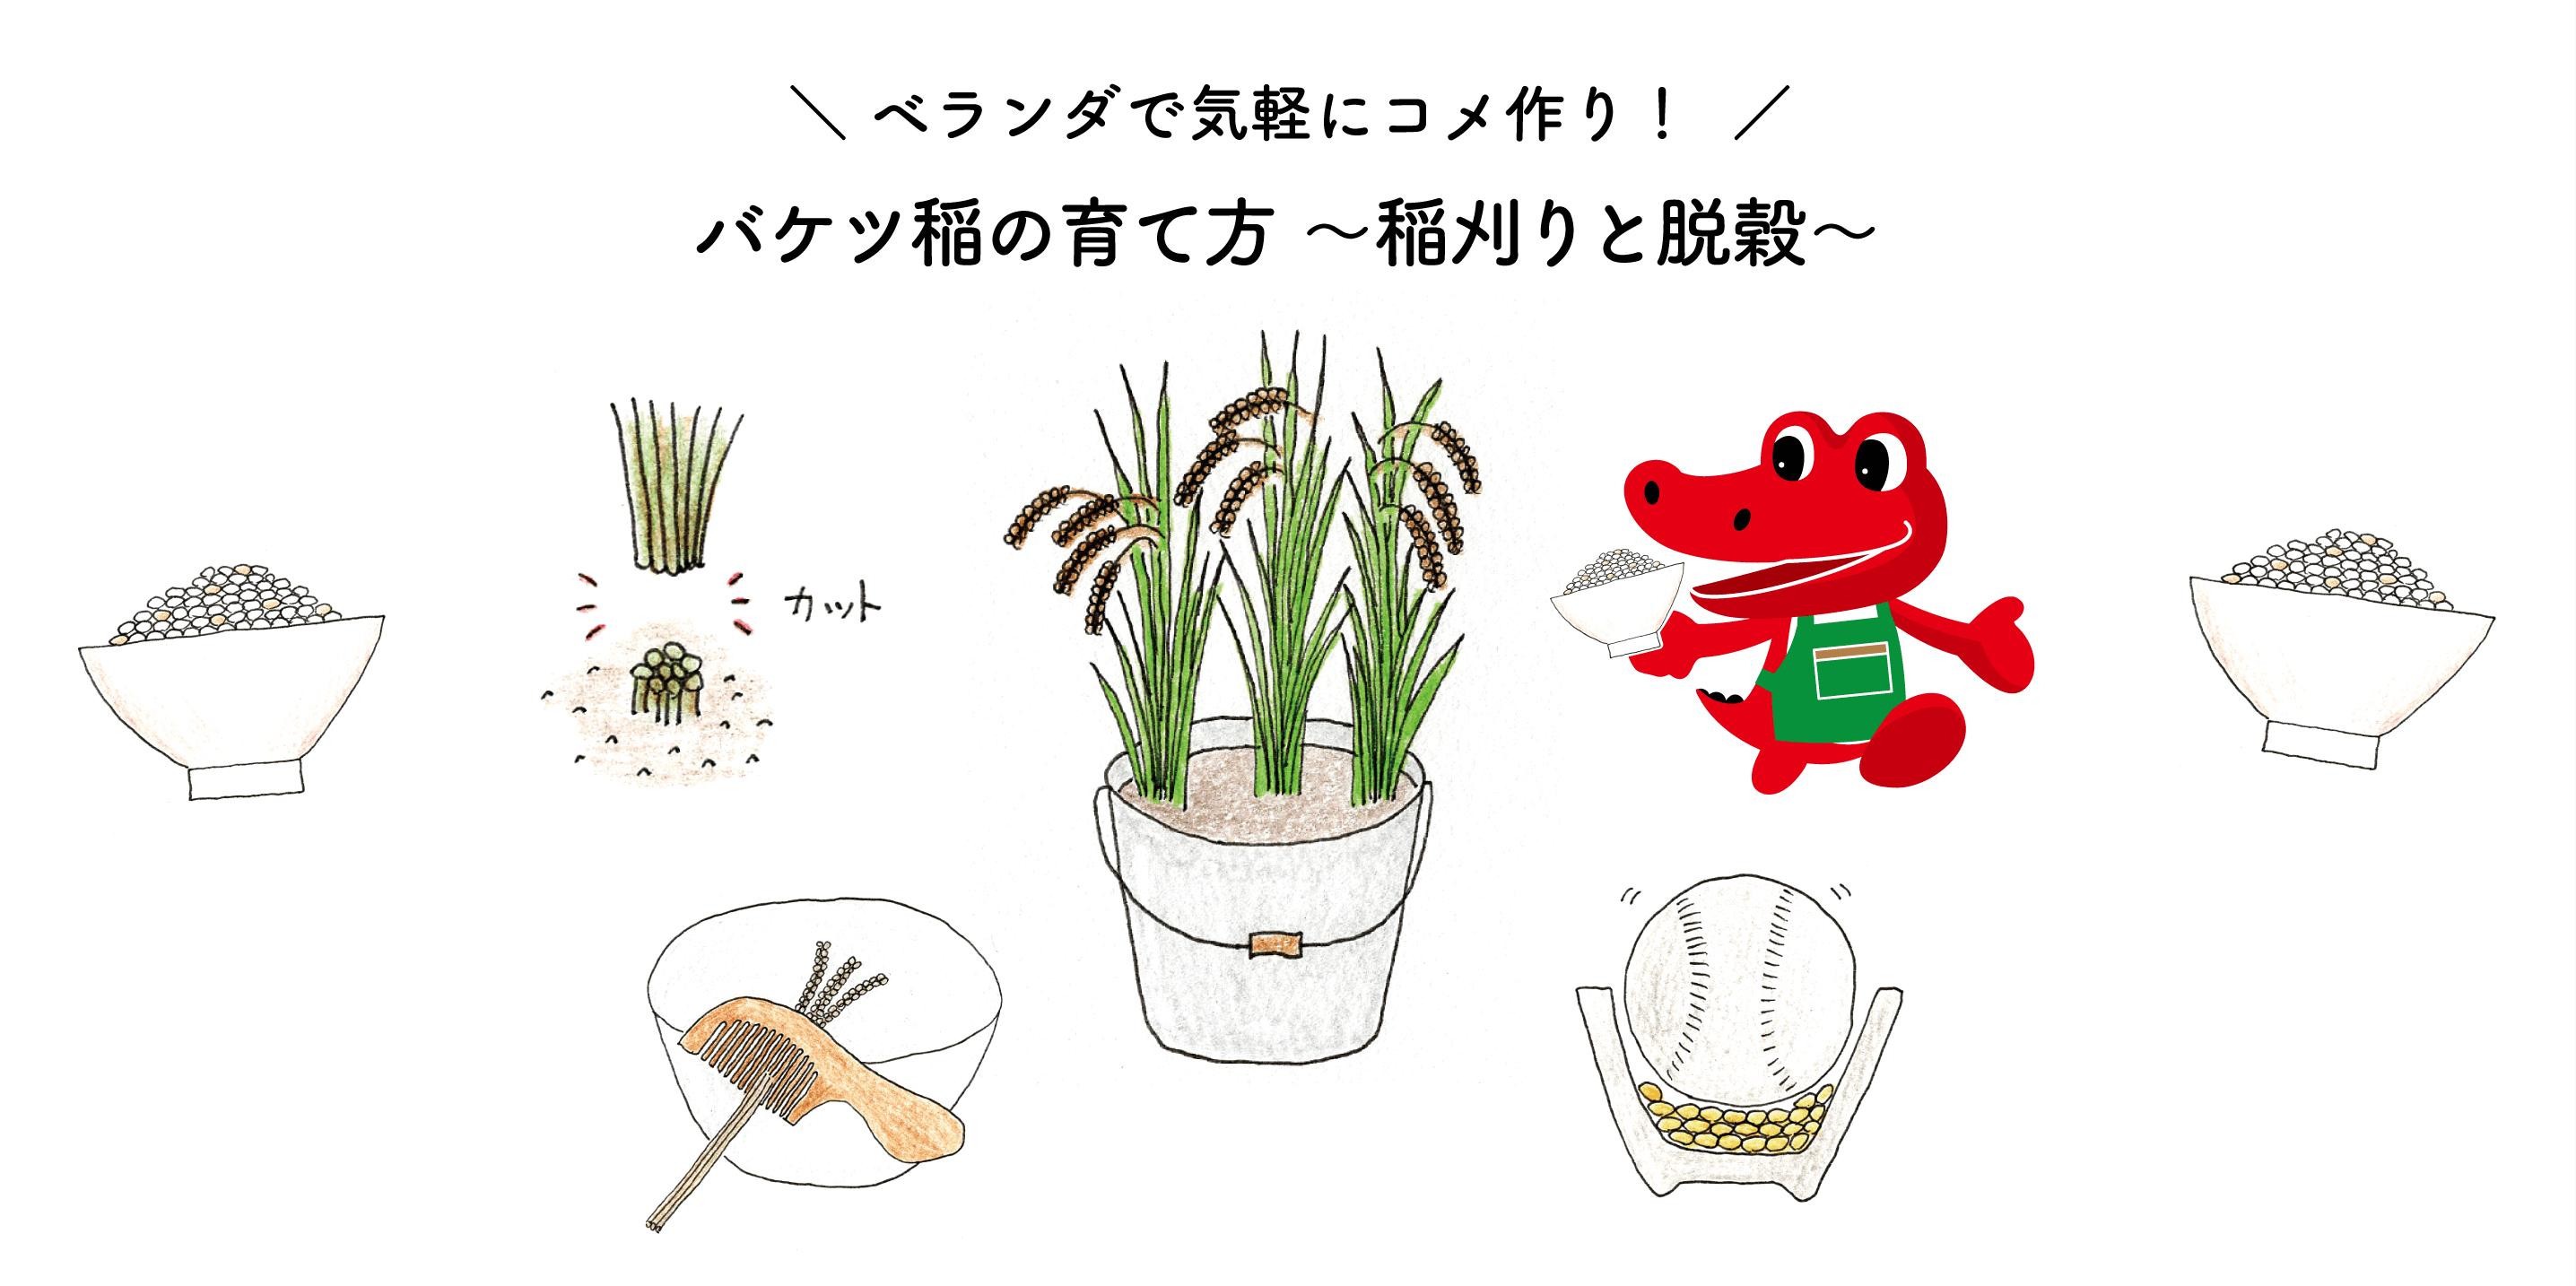 バケツ稲の育て方 ~稲刈りとカンタン脱穀~